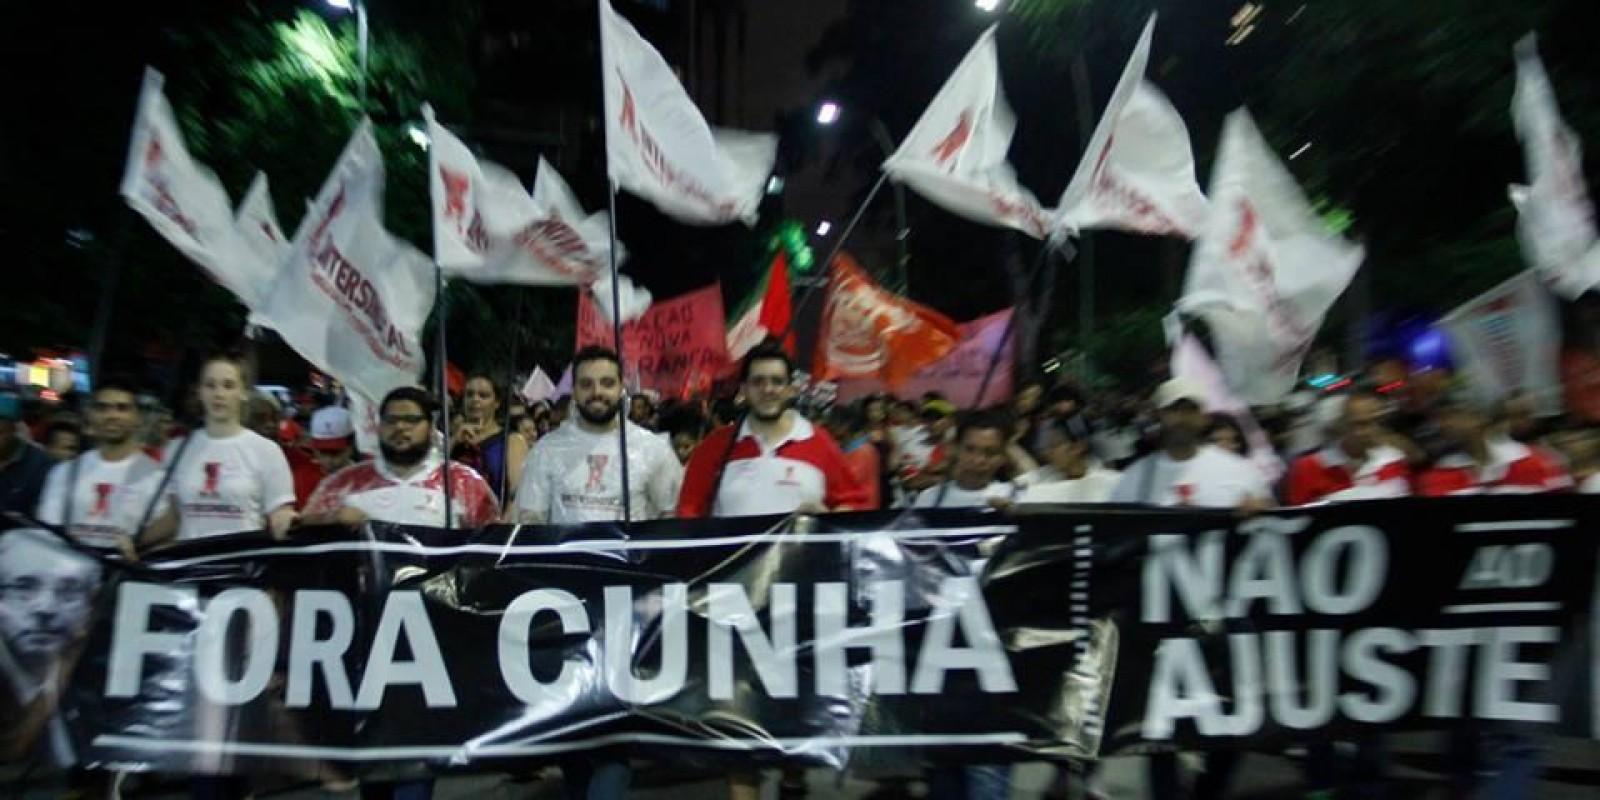 [Conselho de Ética aprova, finalmente, cassação do mandato de Eduardo Cunha]